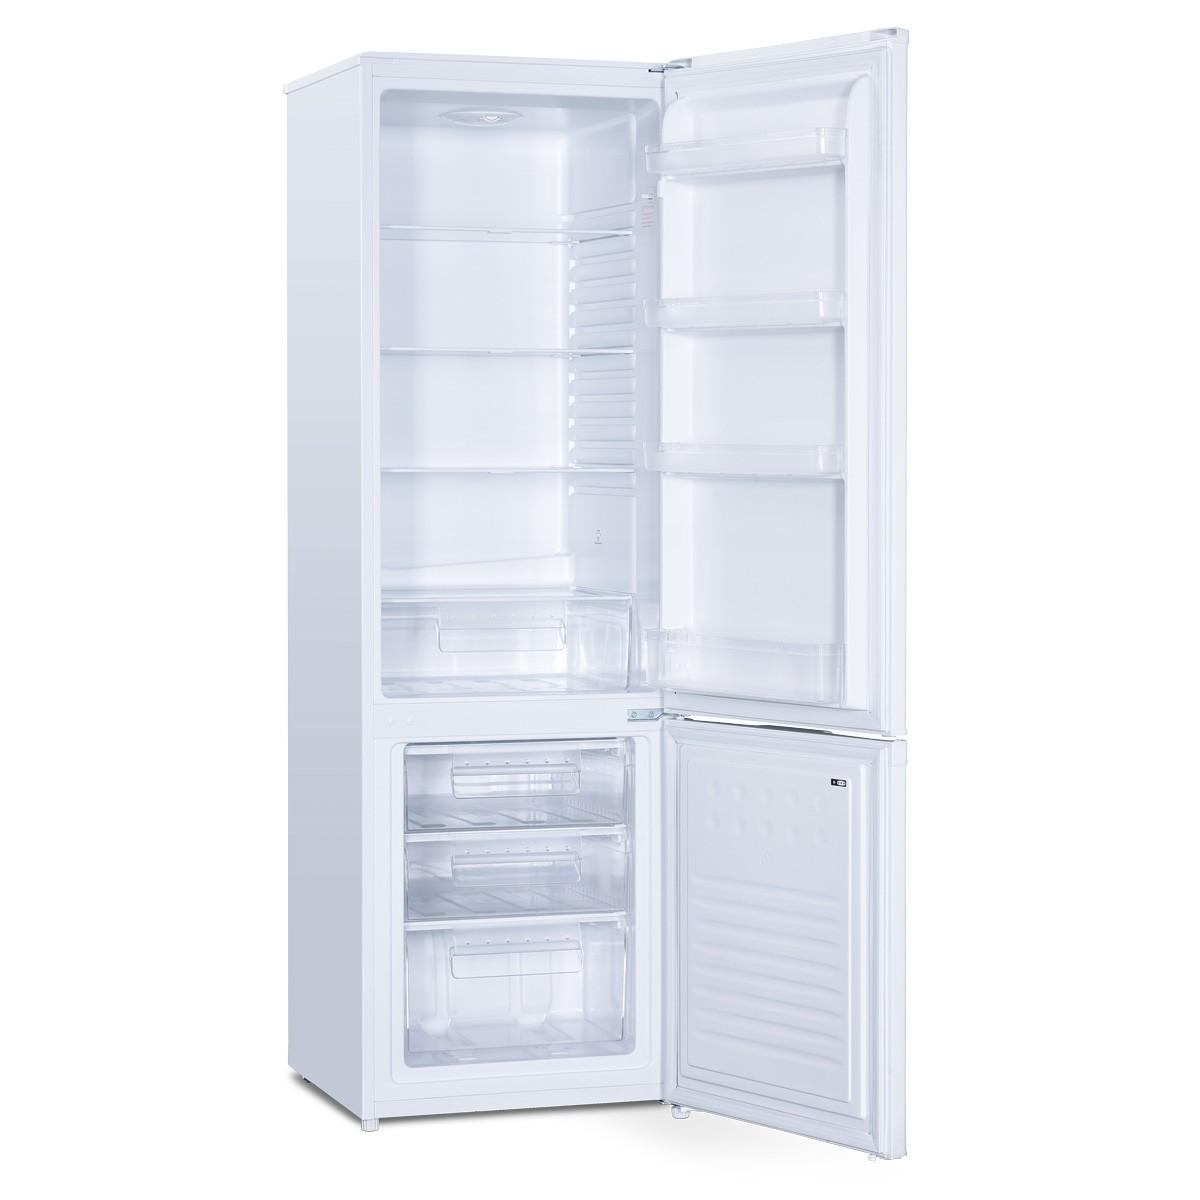 Iceking IK20568WE Fridge Freezer